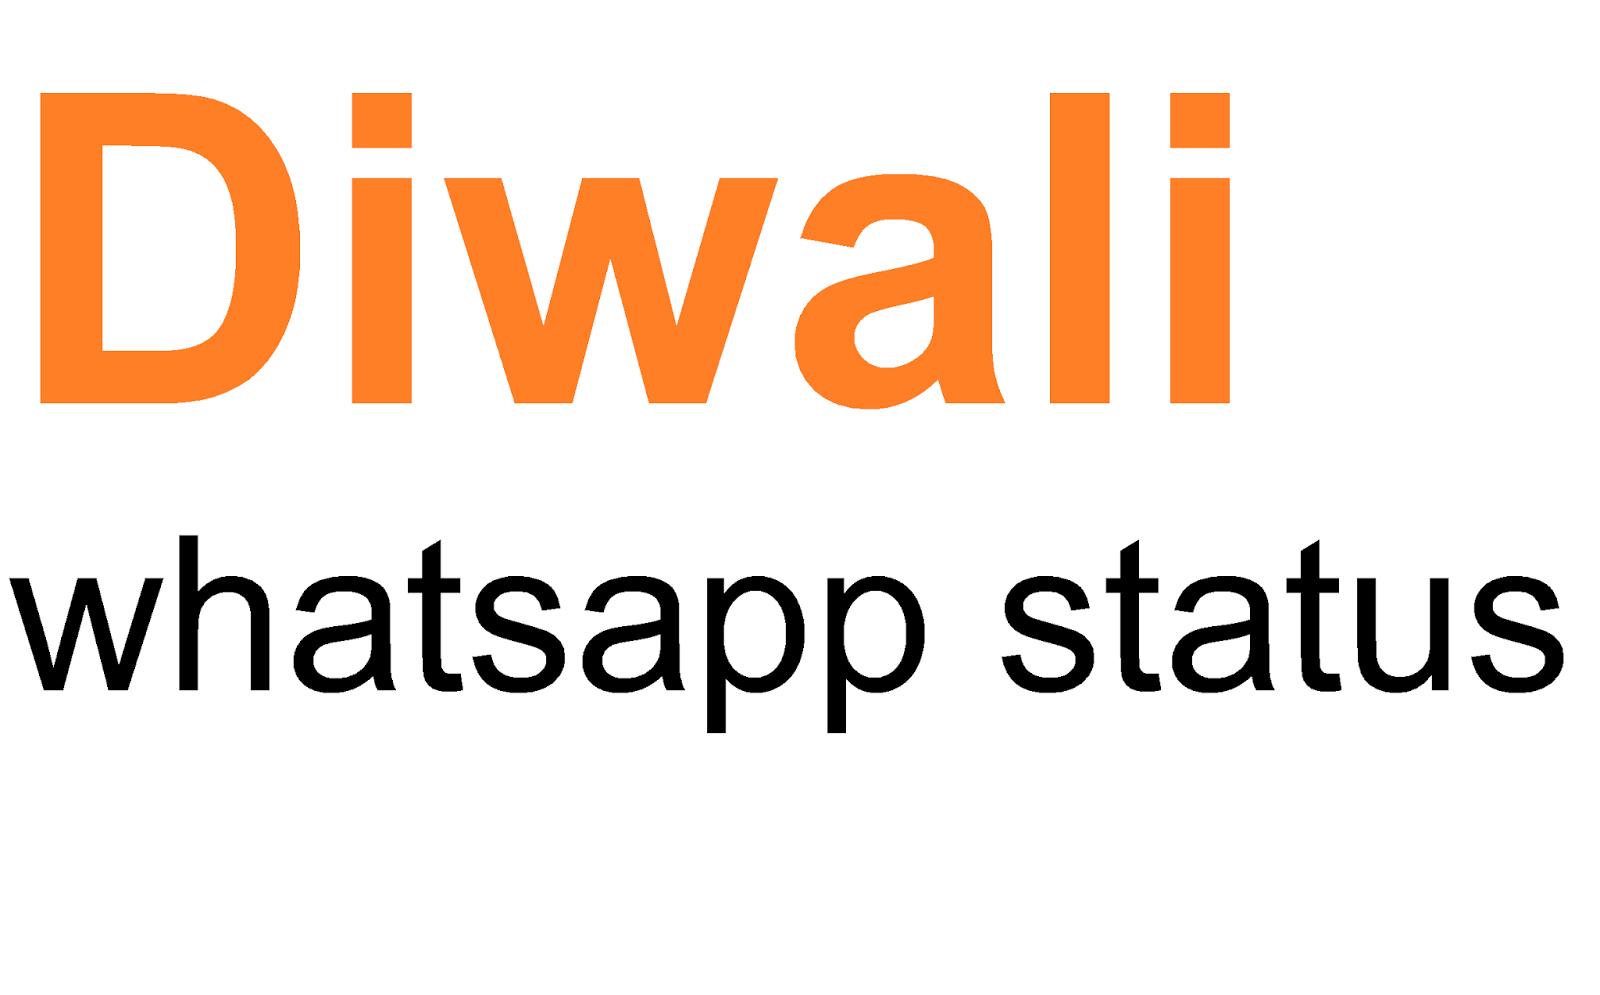 Status Whatsapp: Happy Diwali Whatsapp Status